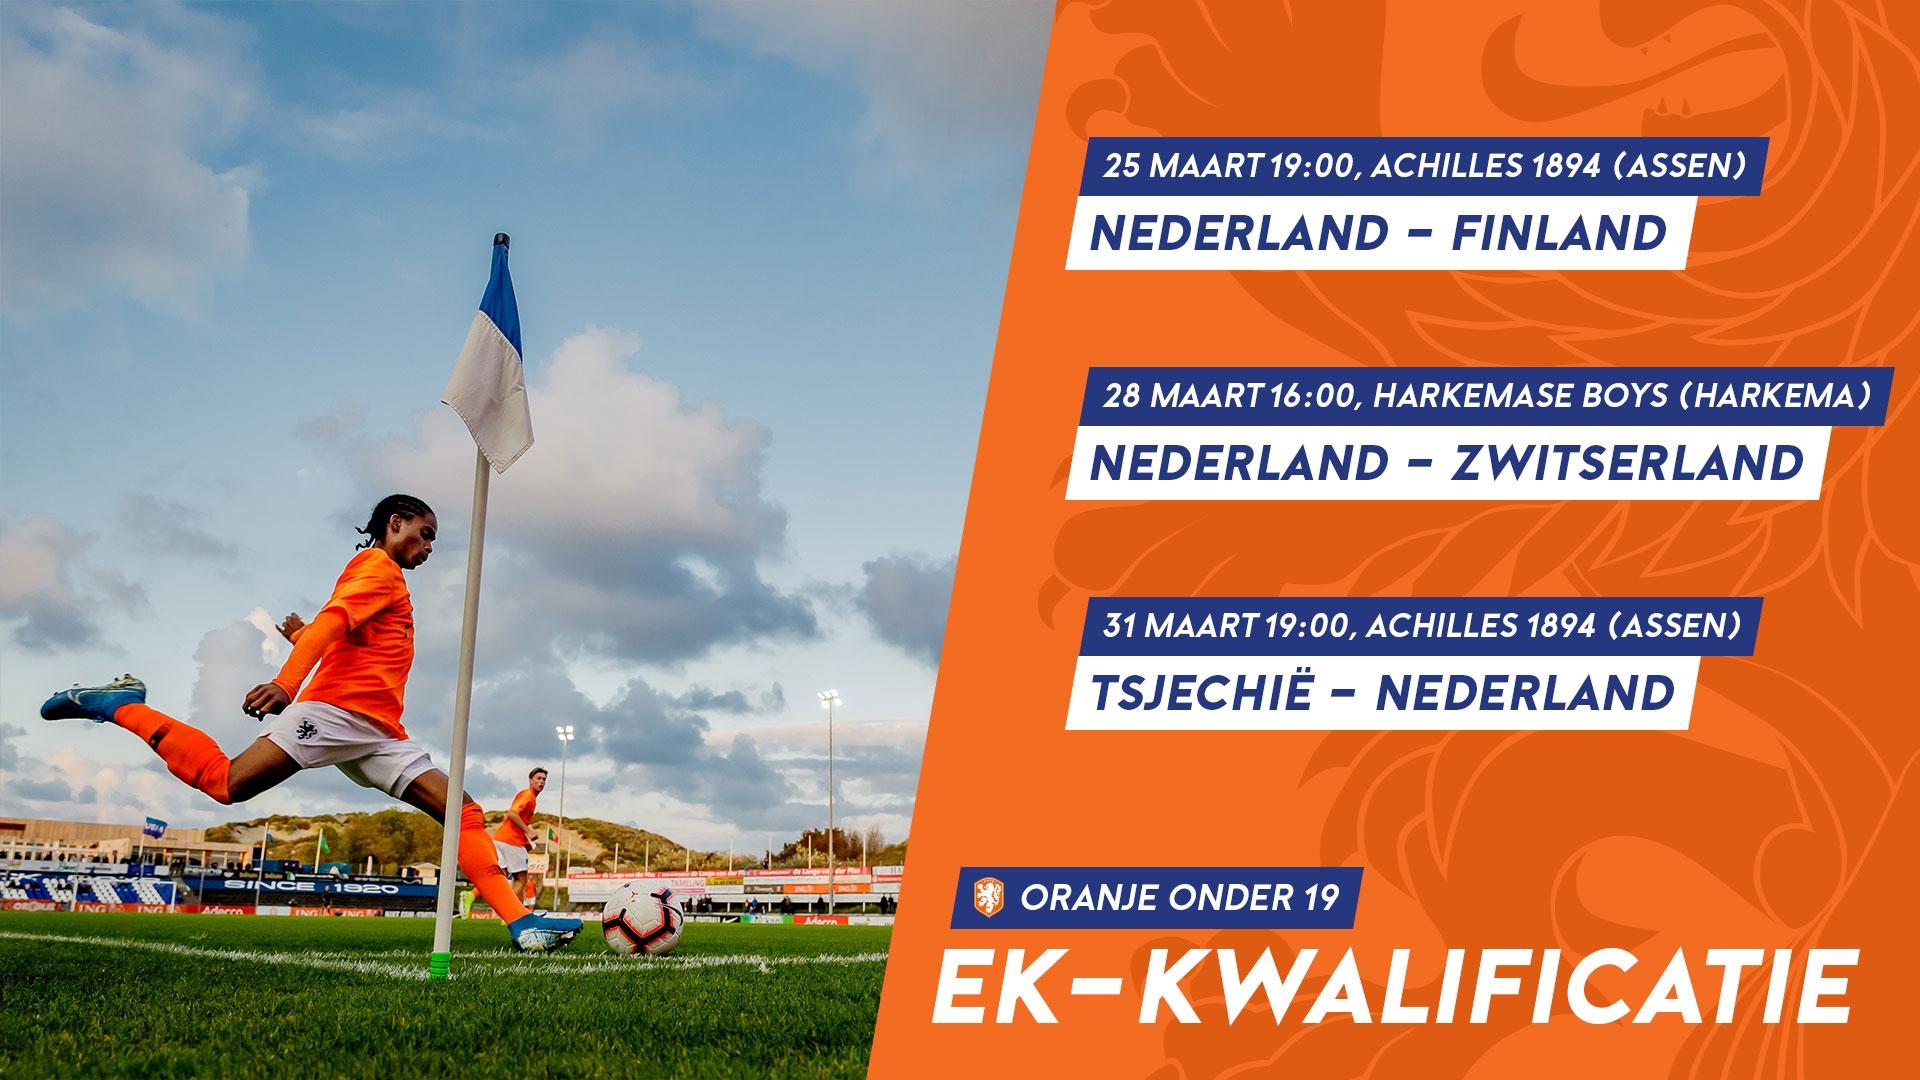 Oranje onder 19 in de regio!